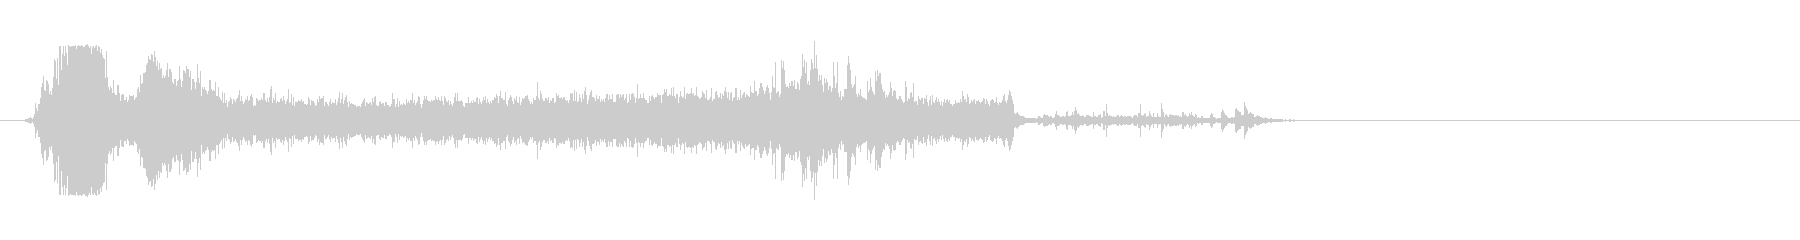 トイレフラッシュ2、古いタイプ。の未再生の波形